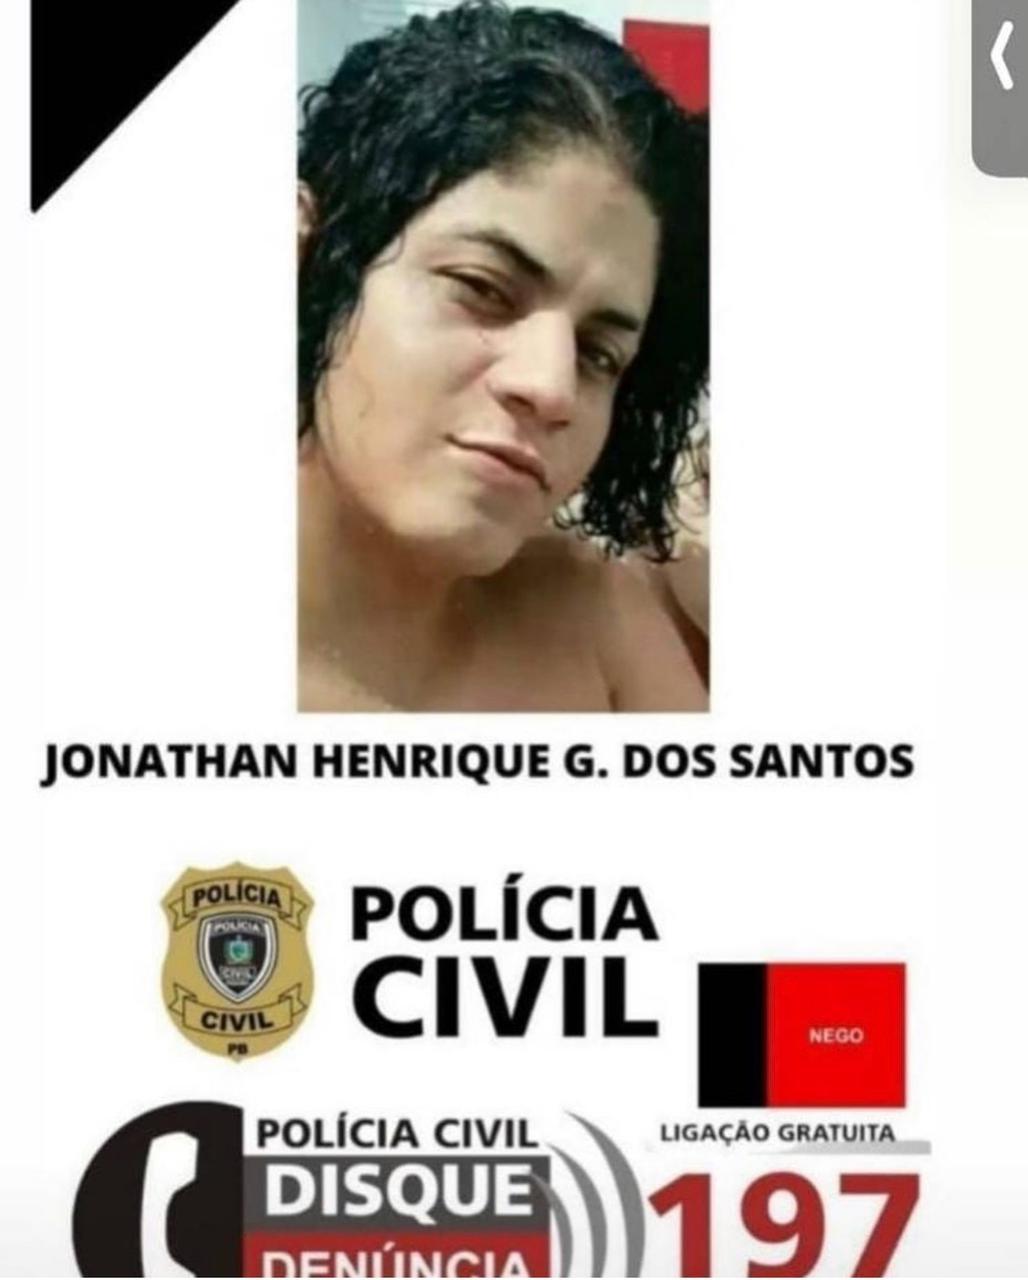 nathaw santt jonathan henrique suspeito morte patricia roberta 2 - FORAGIDO PELA JUSTIÇA: polícia divulga foto de suspeito de envolvimento na morte da jovem Patrícia em busca de informações